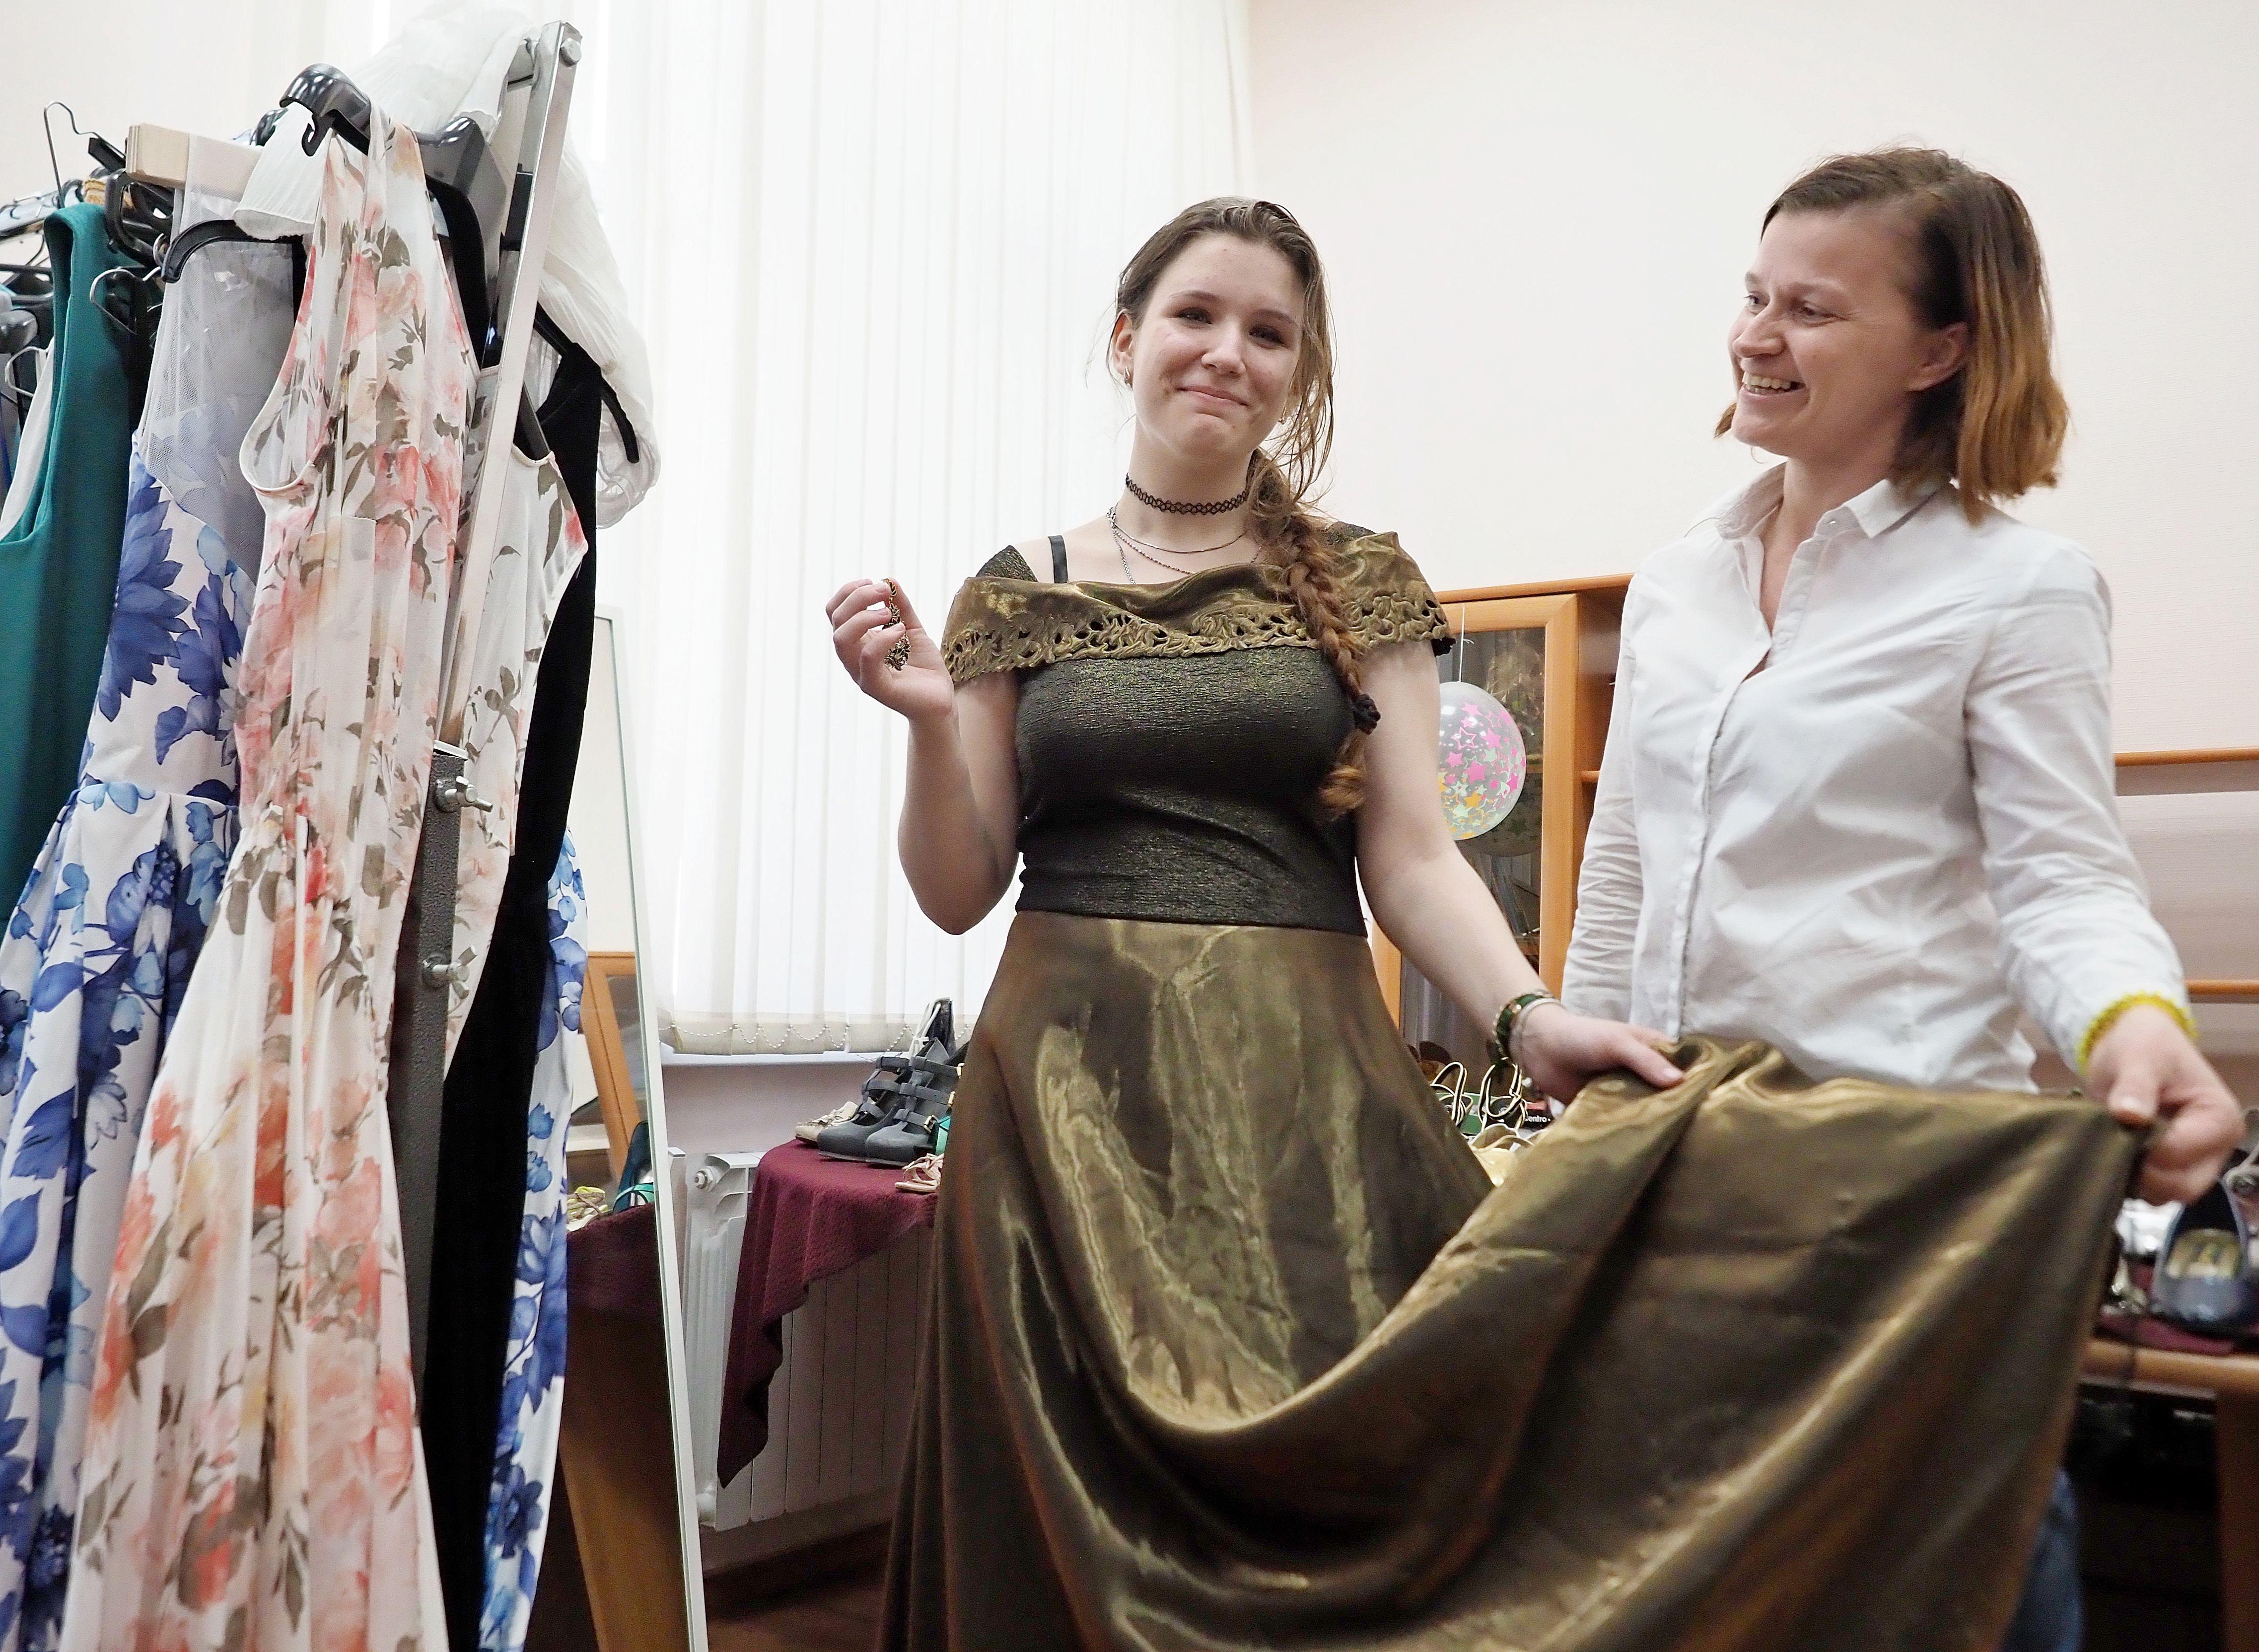 Мода для всех: правильно подбирать одежду научат в ЗИЛе